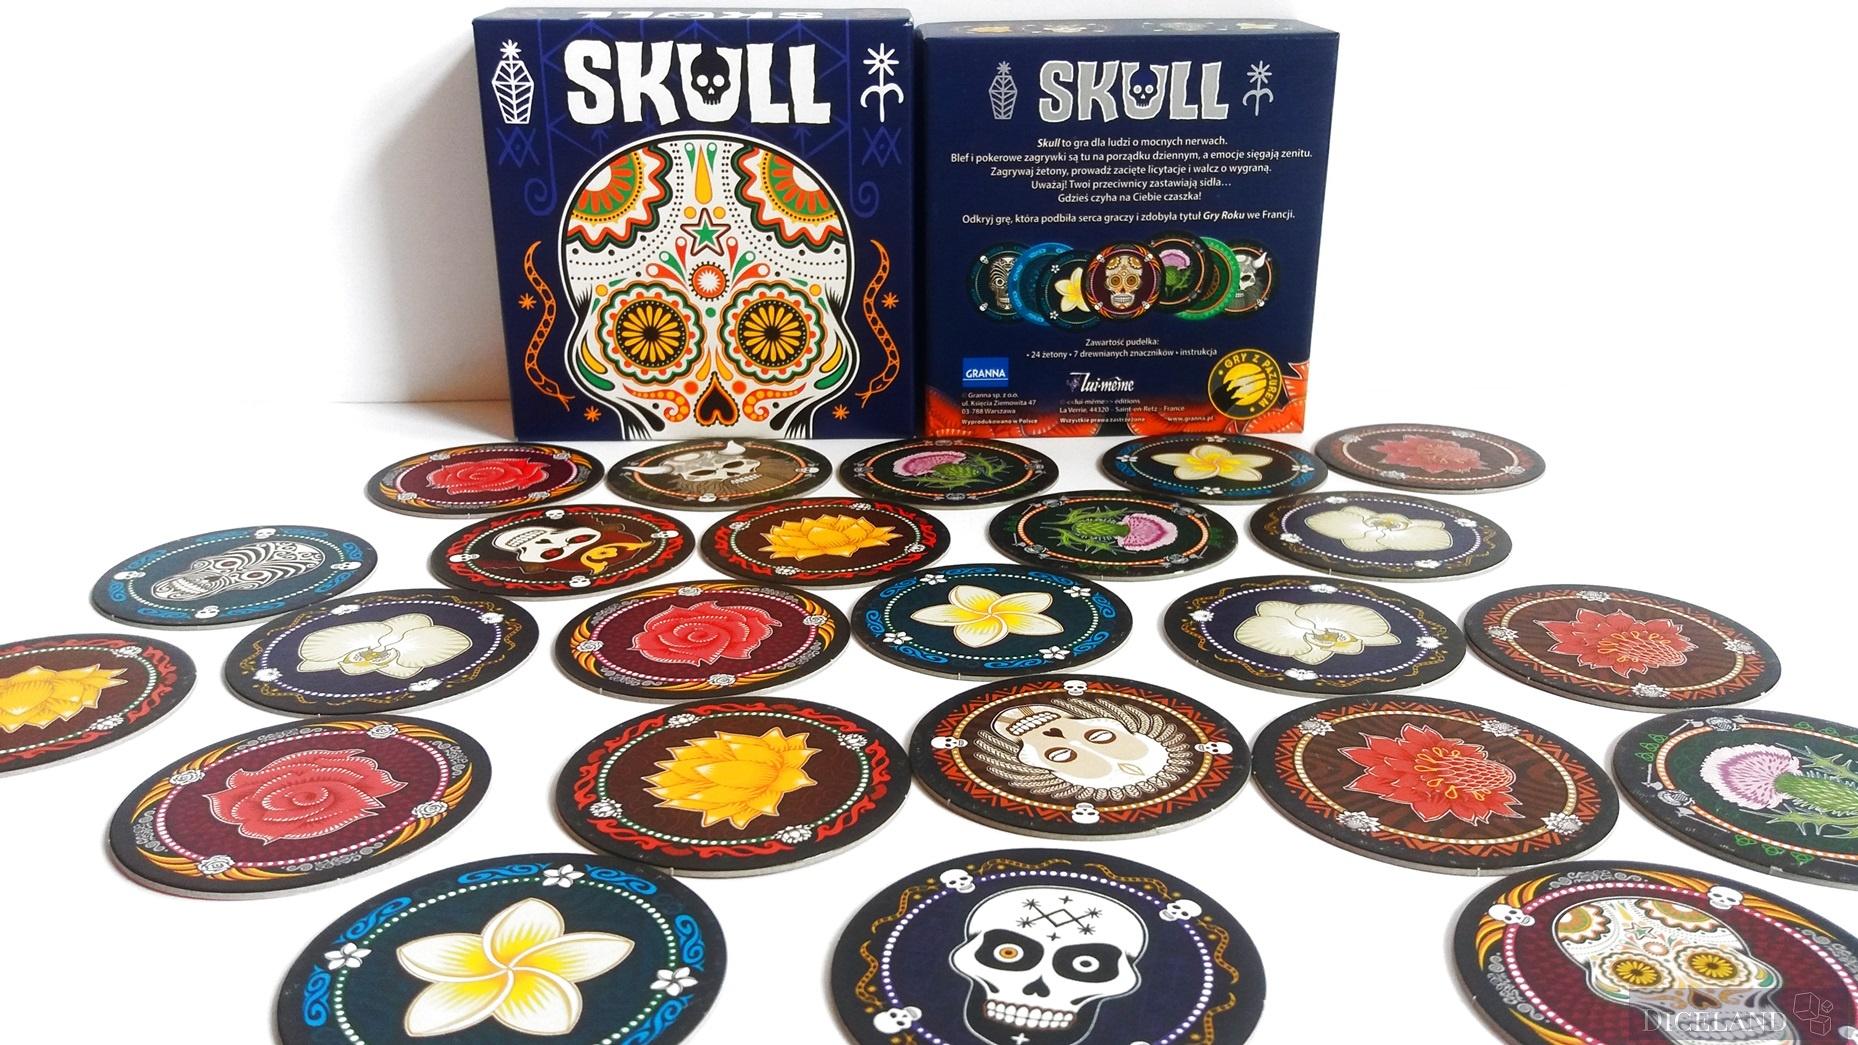 Skull 1 Recenzja #11 Skull